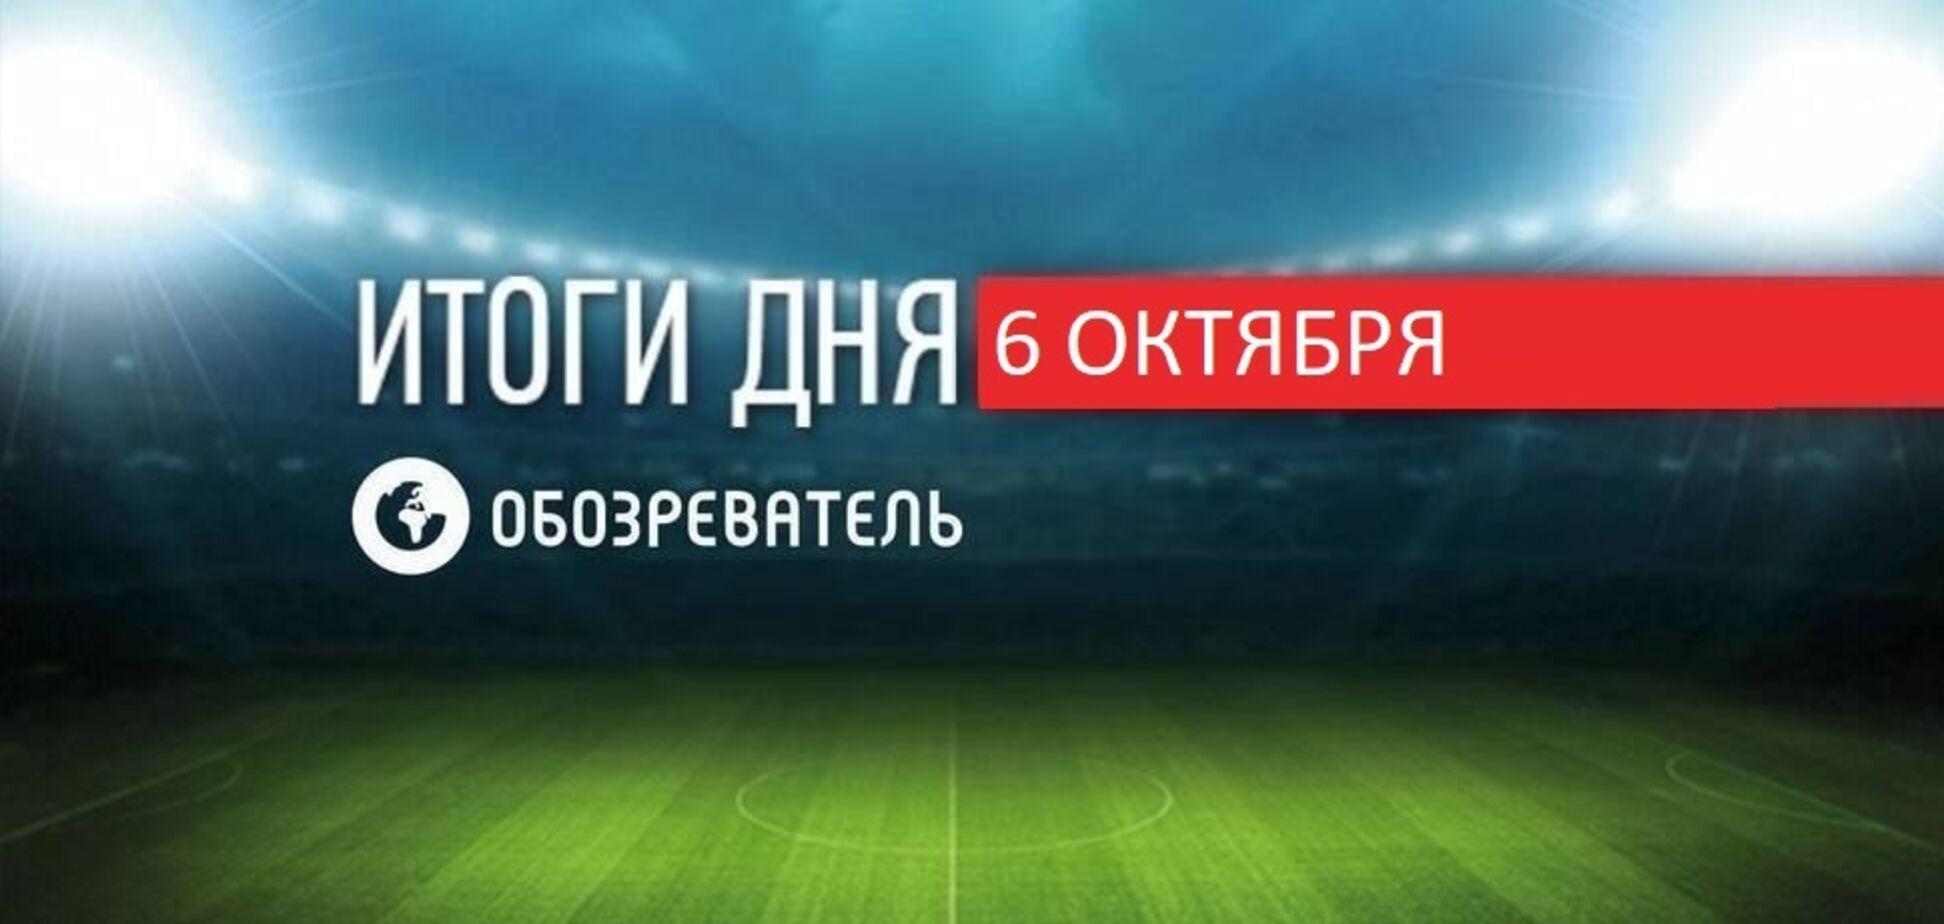 В сборной Украины по футболу еще два случая COVID-19: спортивные итоги 6 октября